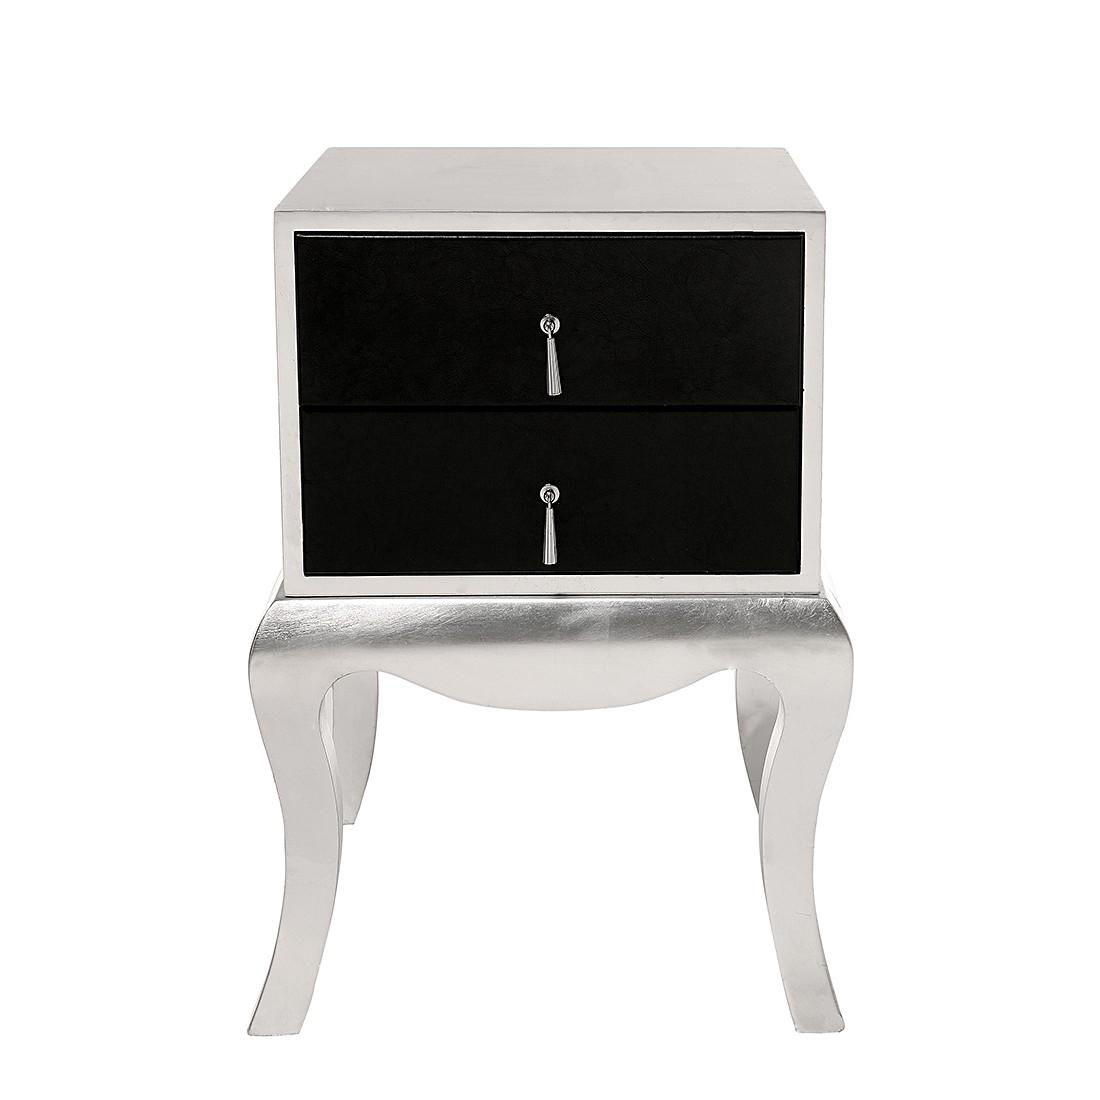 nachttisch silber g nstig kaufen. Black Bedroom Furniture Sets. Home Design Ideas